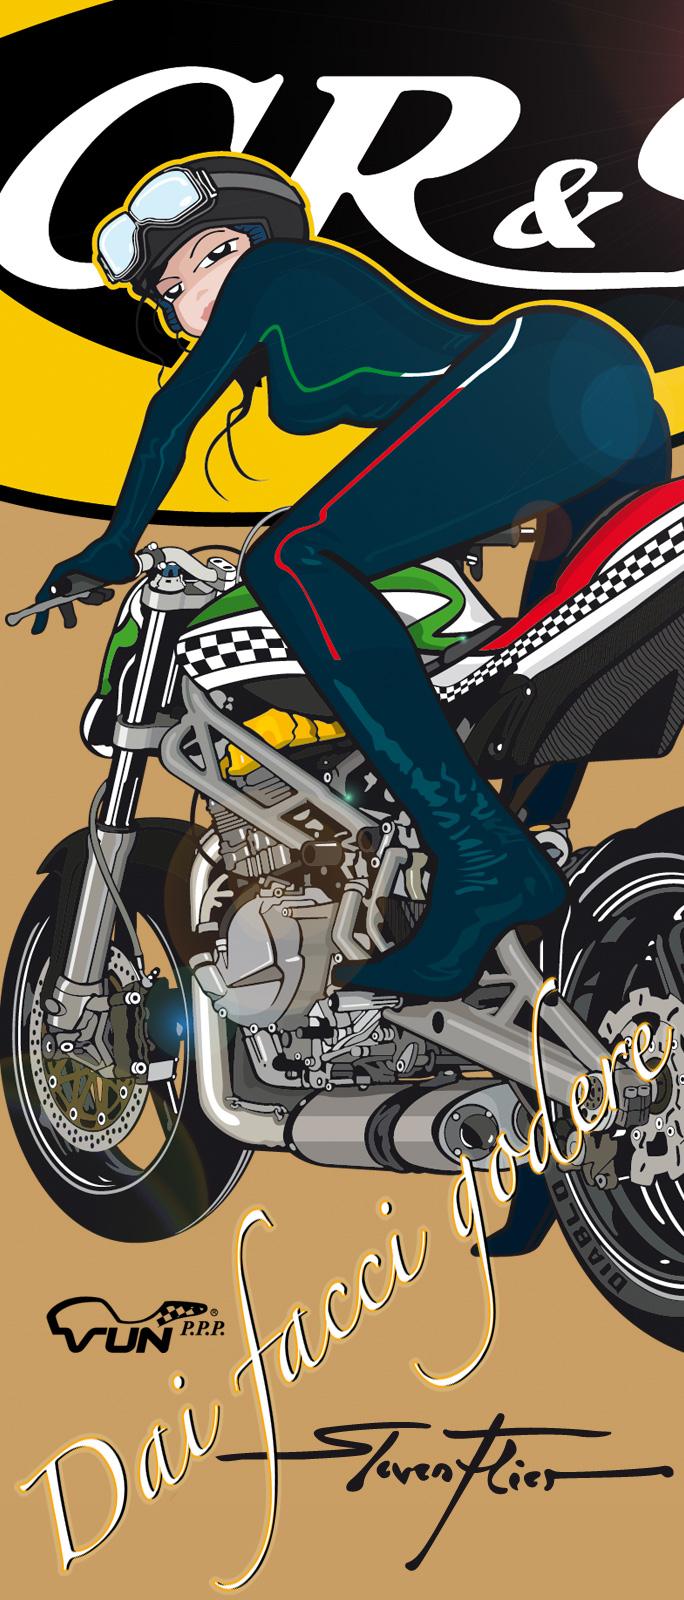 PinUp, Illustration, Vektor, Vector, VUN, PPP, CR&S, Milan, Mailand, Thiel Motorsport, Steven Flier